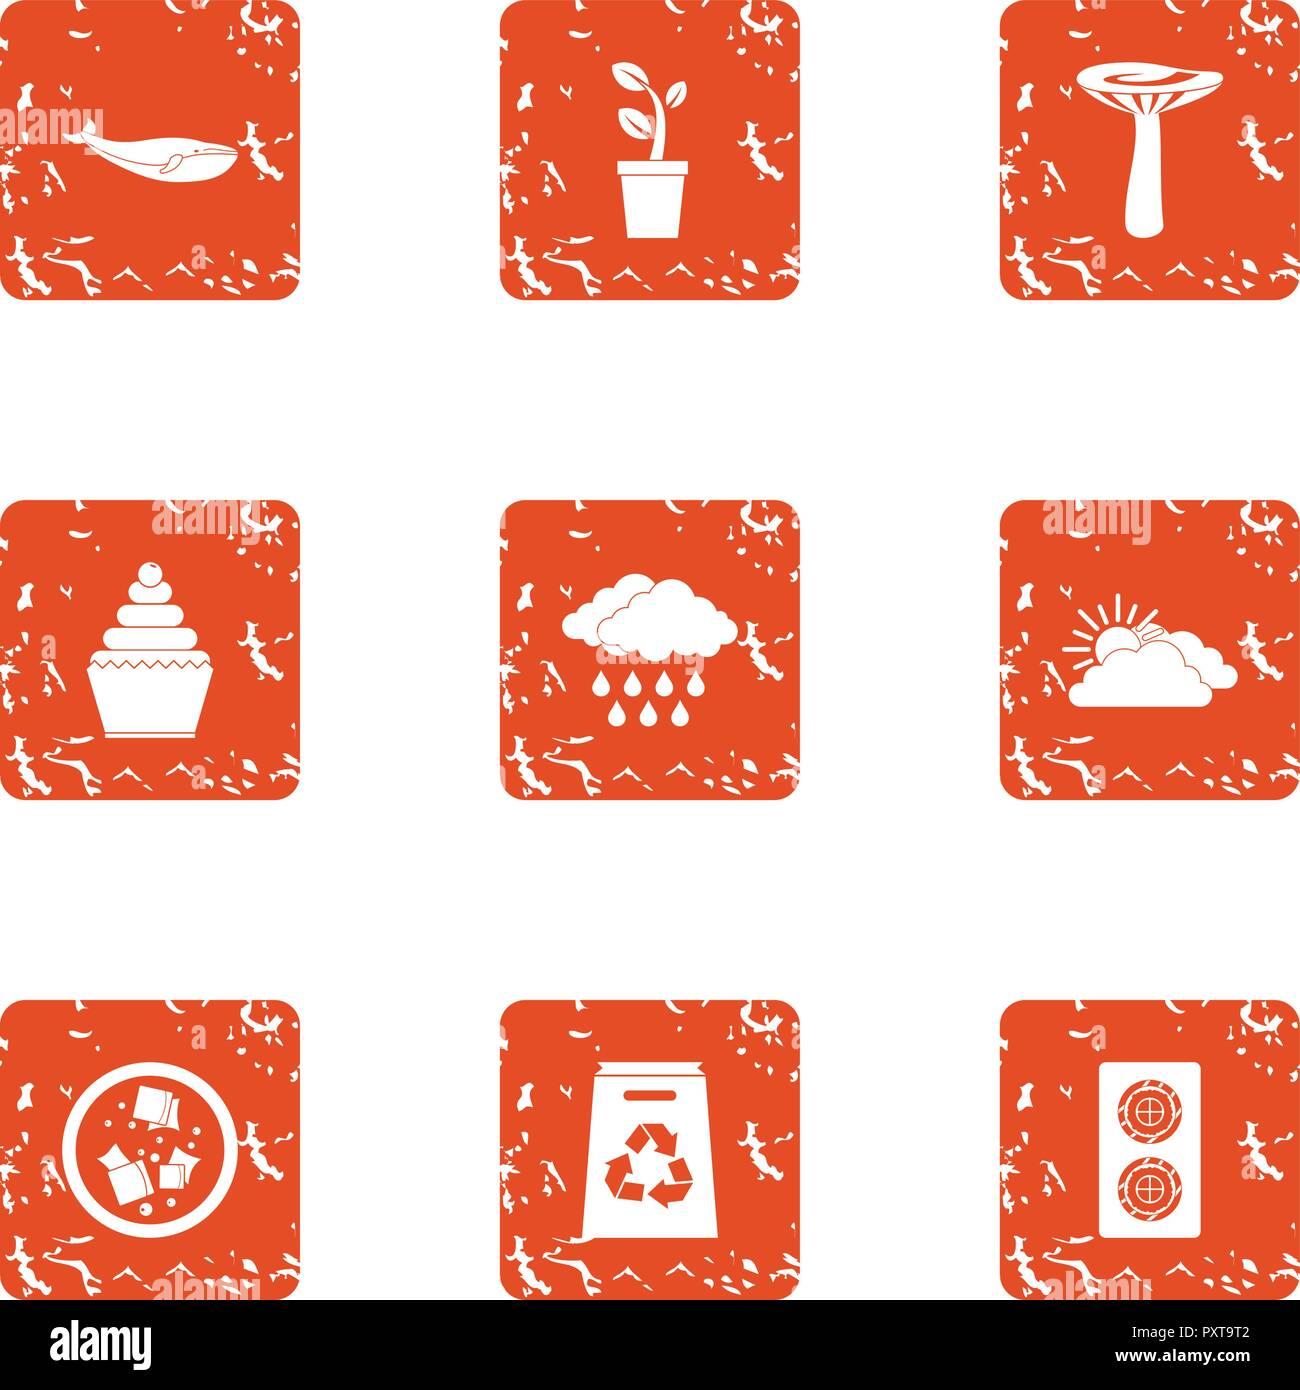 Resumen conjunto de iconos, estilo grunge Imagen De Stock